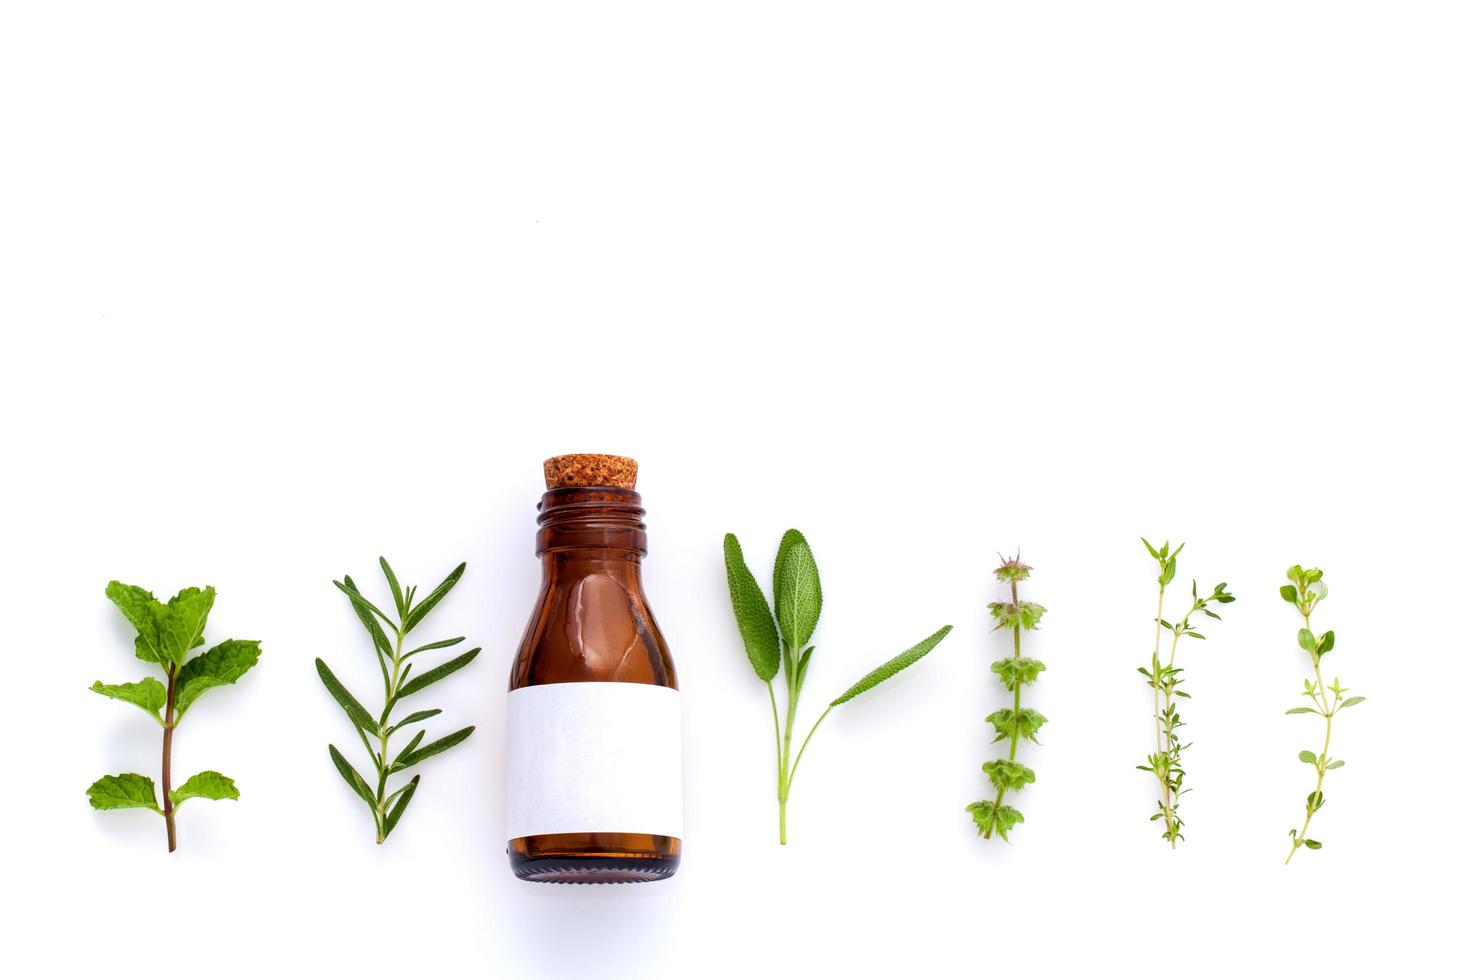 botella de aceite esencial con hierbas foto